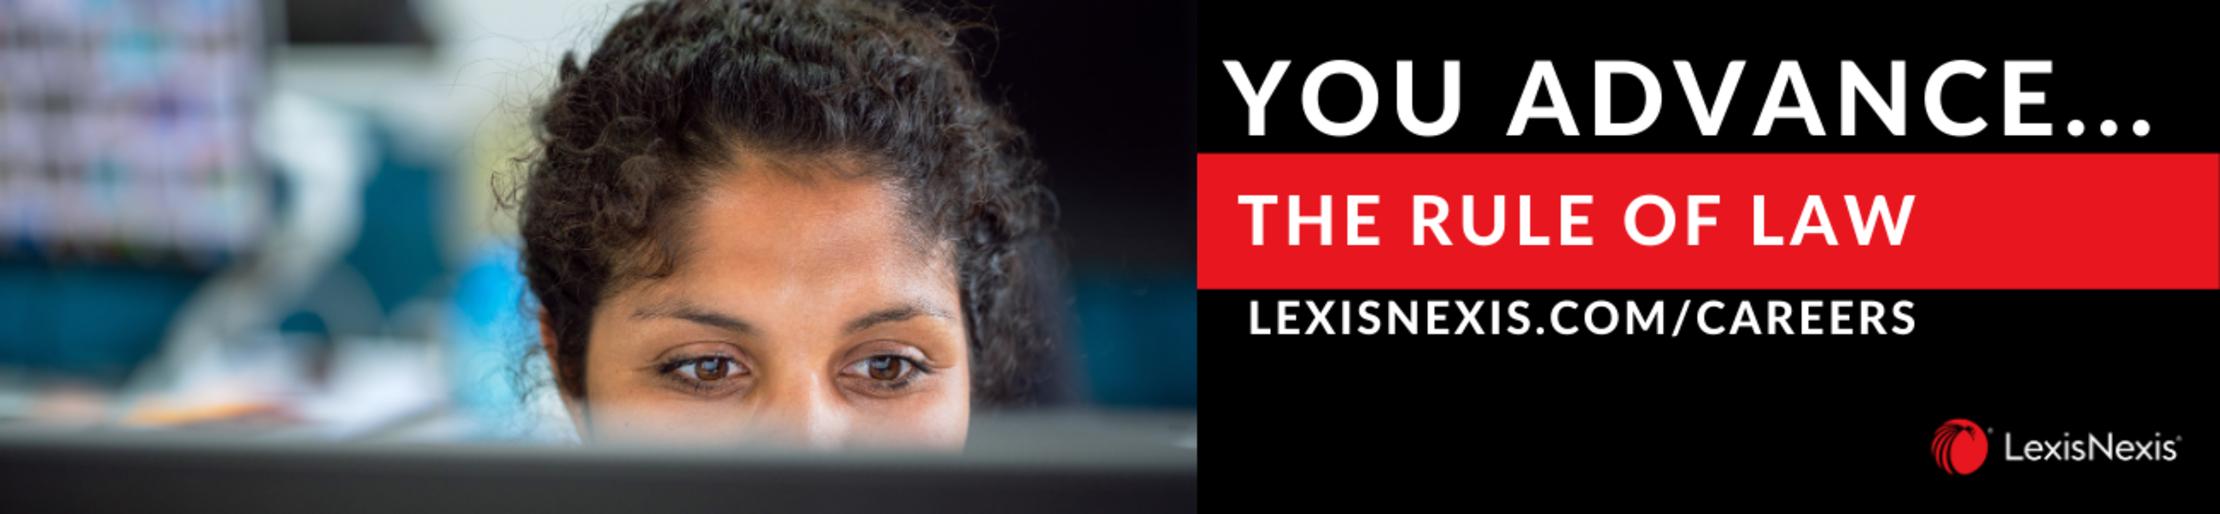 LexisNexis Legal & Professional